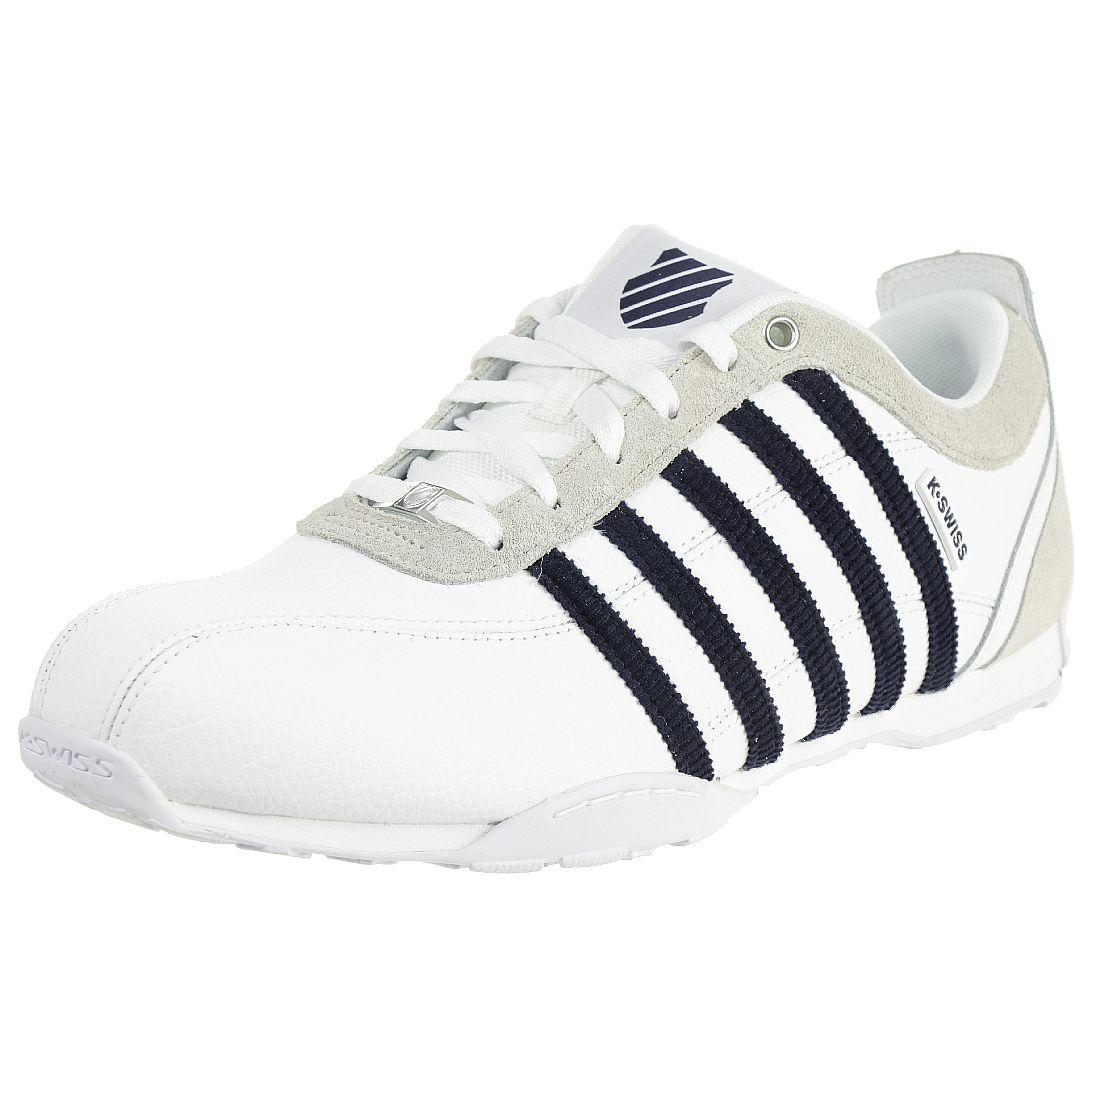 K SWISS Arvee 1.5 Schuhe Sneaker weiss blau 02453 105 M